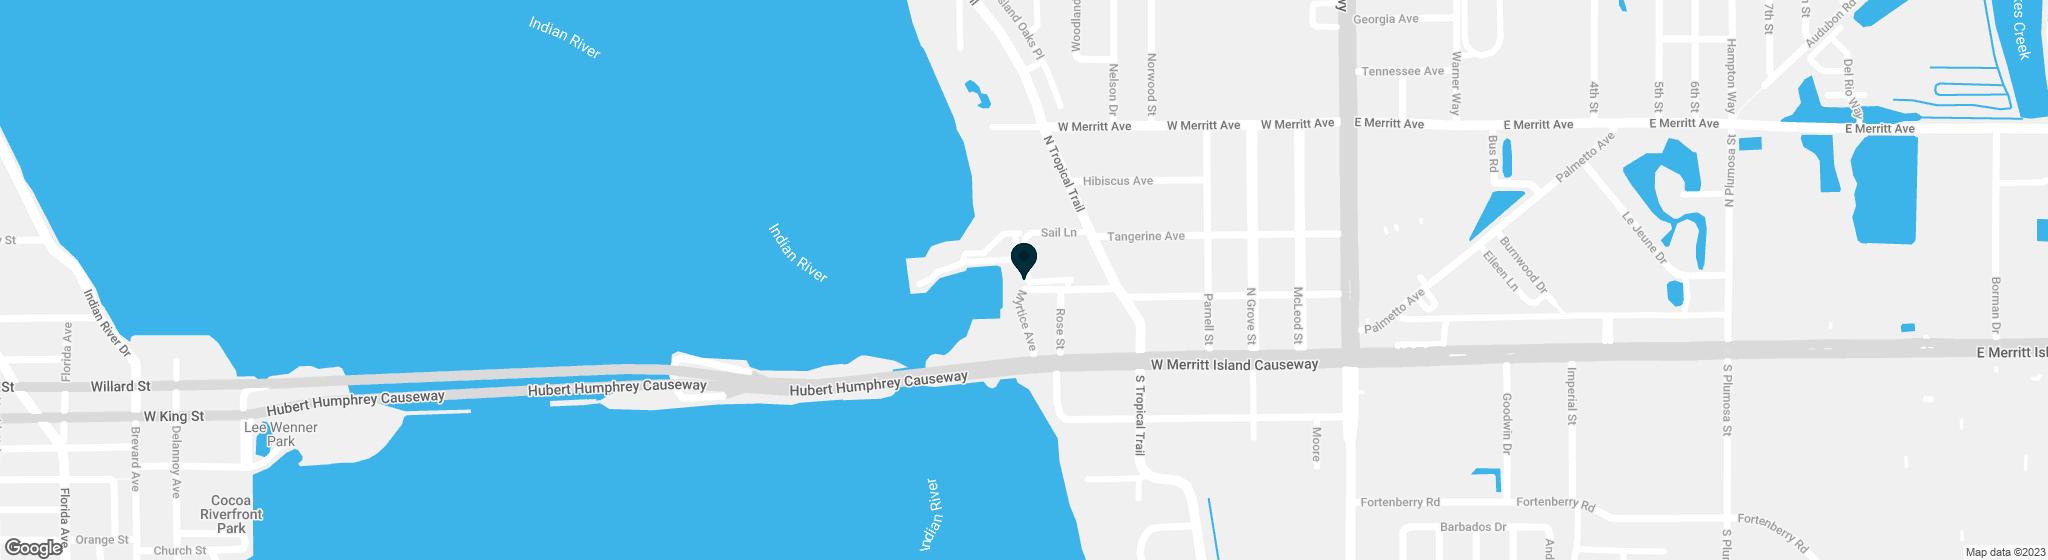 134 Starboard Lane Merritt Island FL 32953